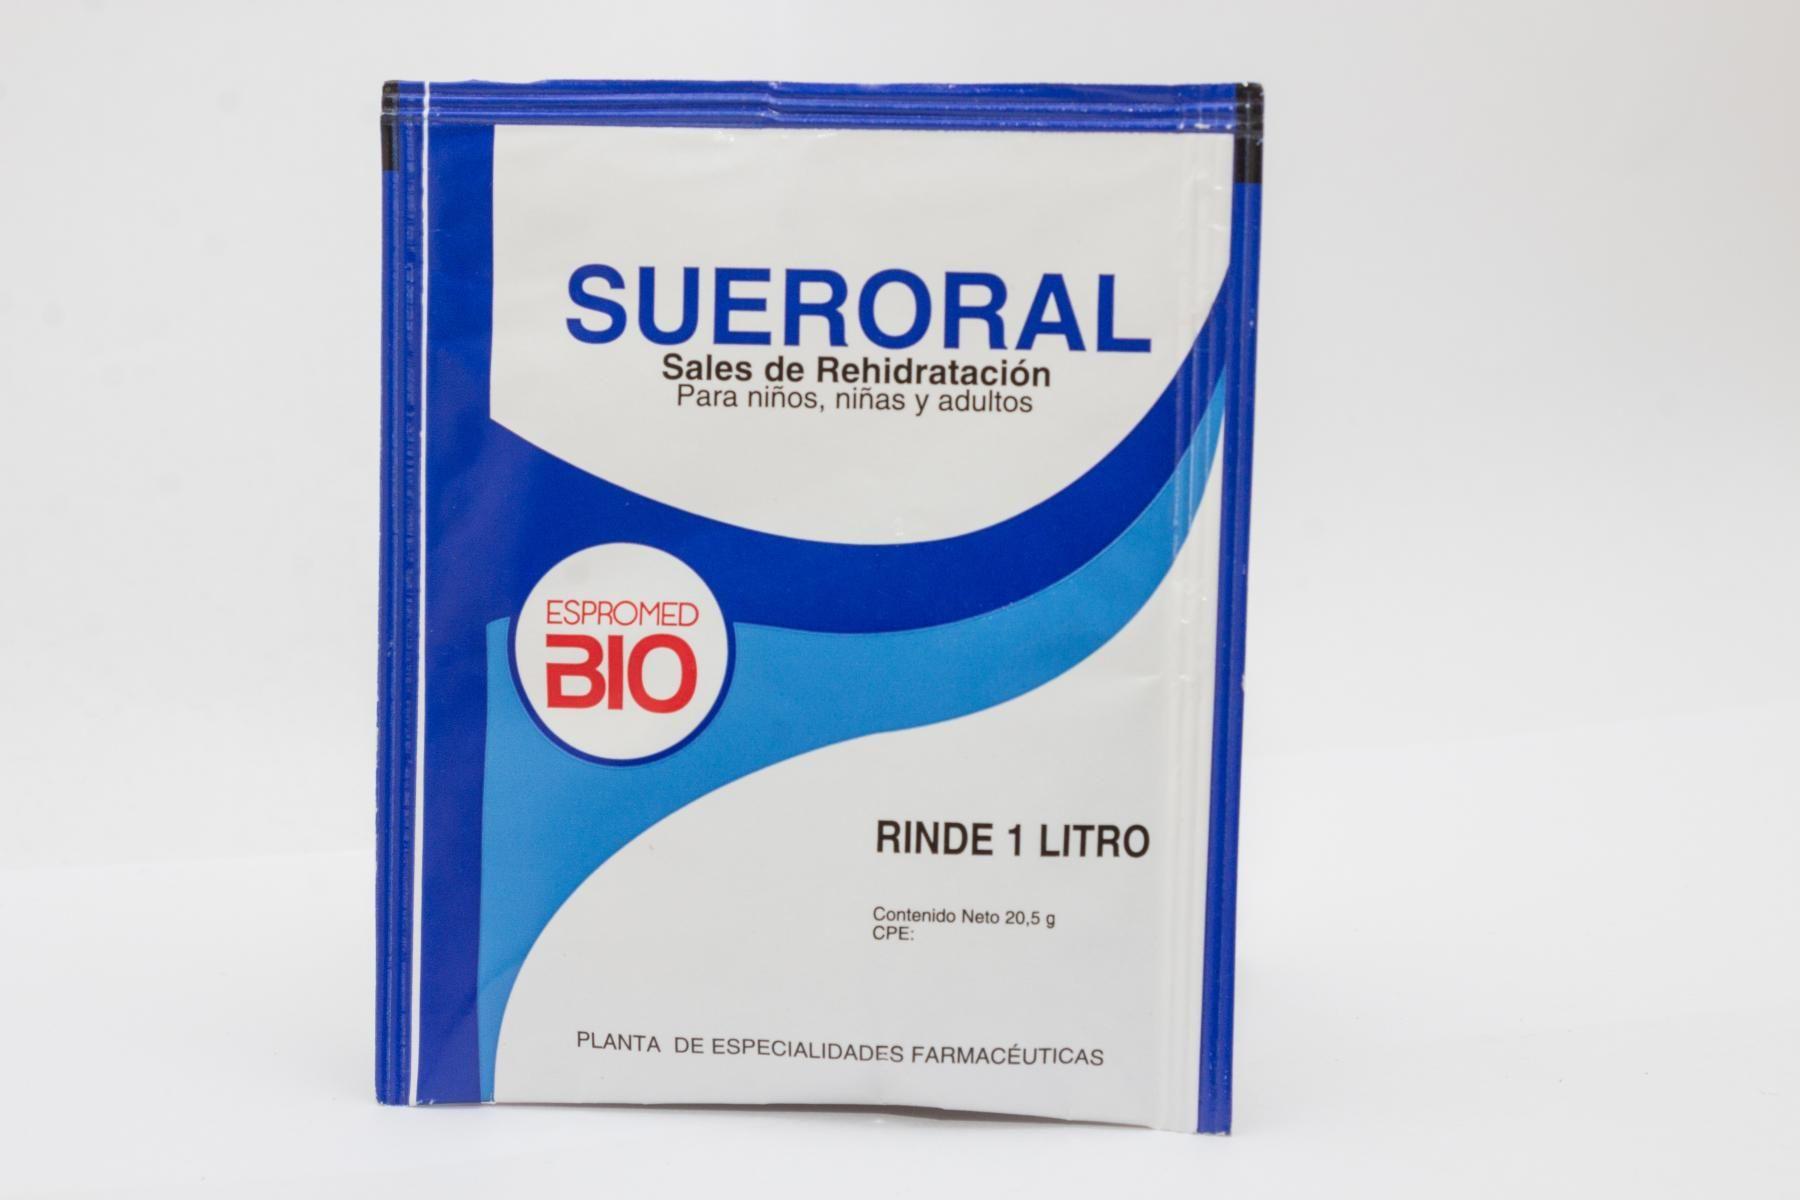 Espromed Bio - Suero oral